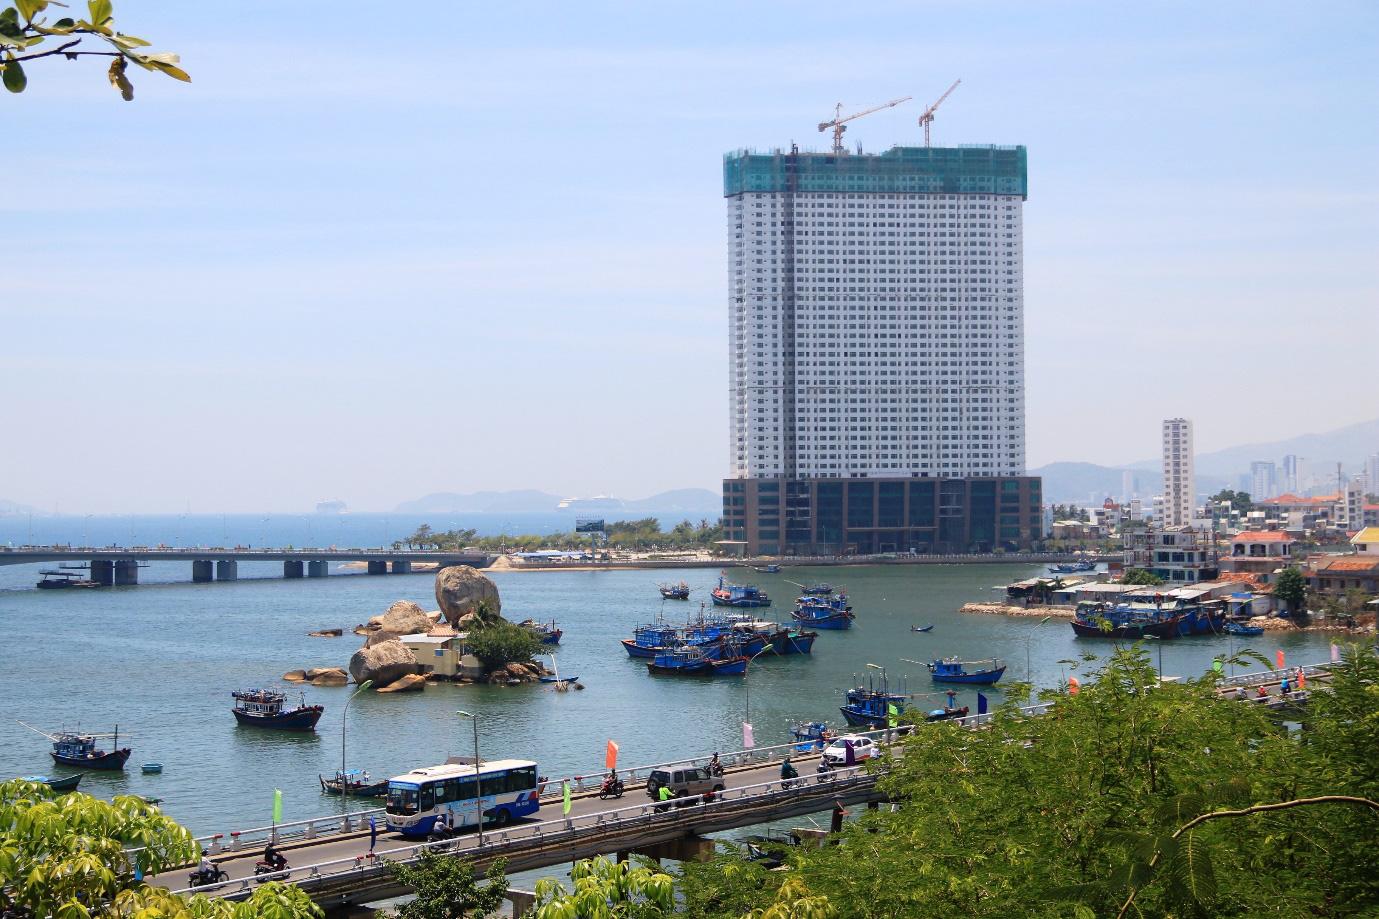 Khu vực bờ kè Nam sông Cái đang ghép nối với quy hoạch Khu dân cư dọc sông Cái để tạo diện mạo mới cho Nha Trang.